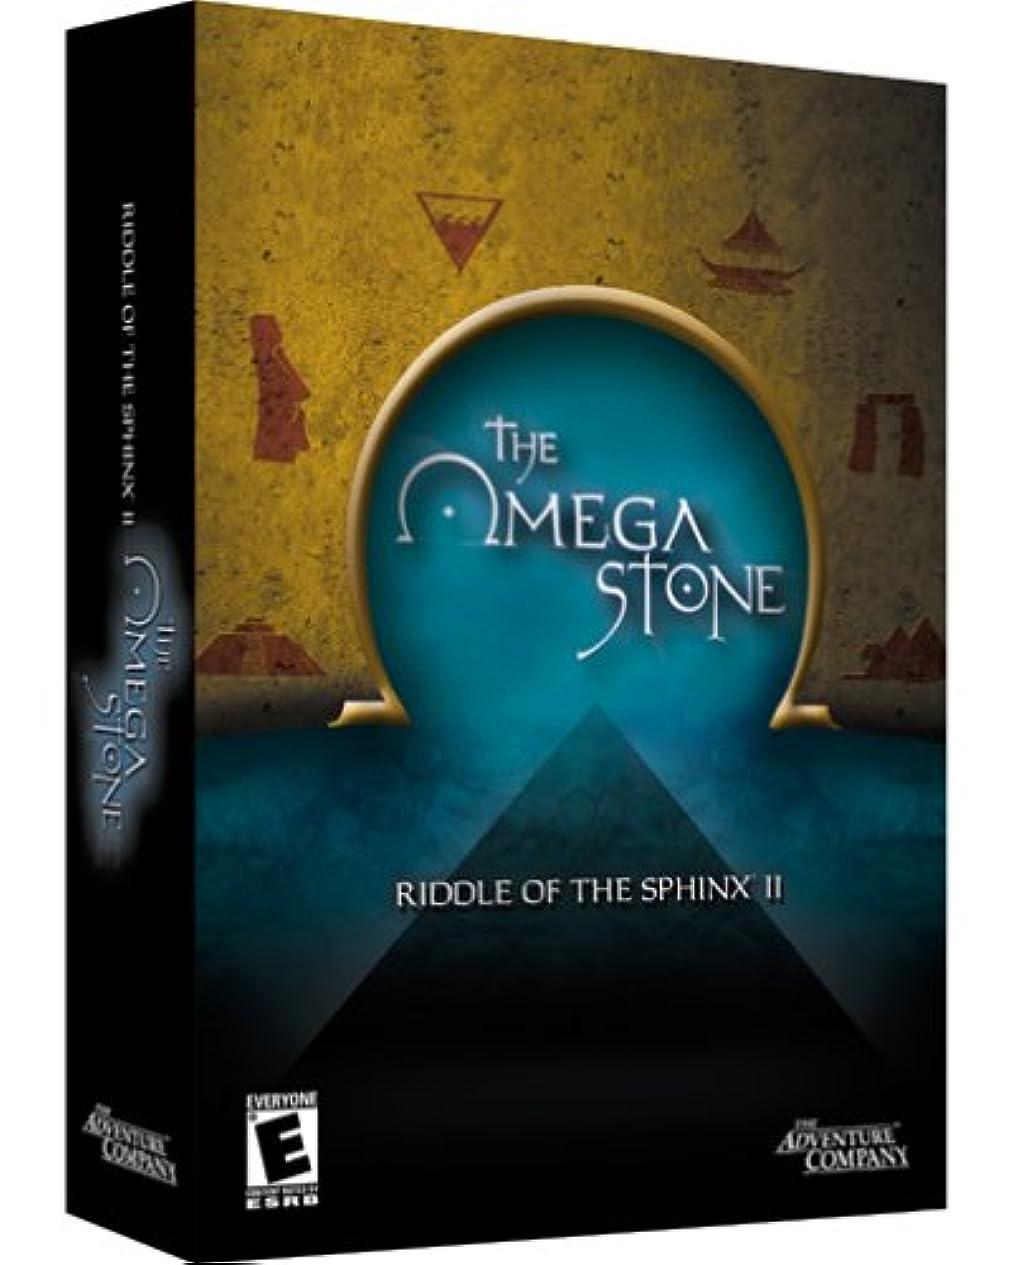 配分実験をする医薬Riddle Of The Sphinx 2: The Omega Stone (輸入版)